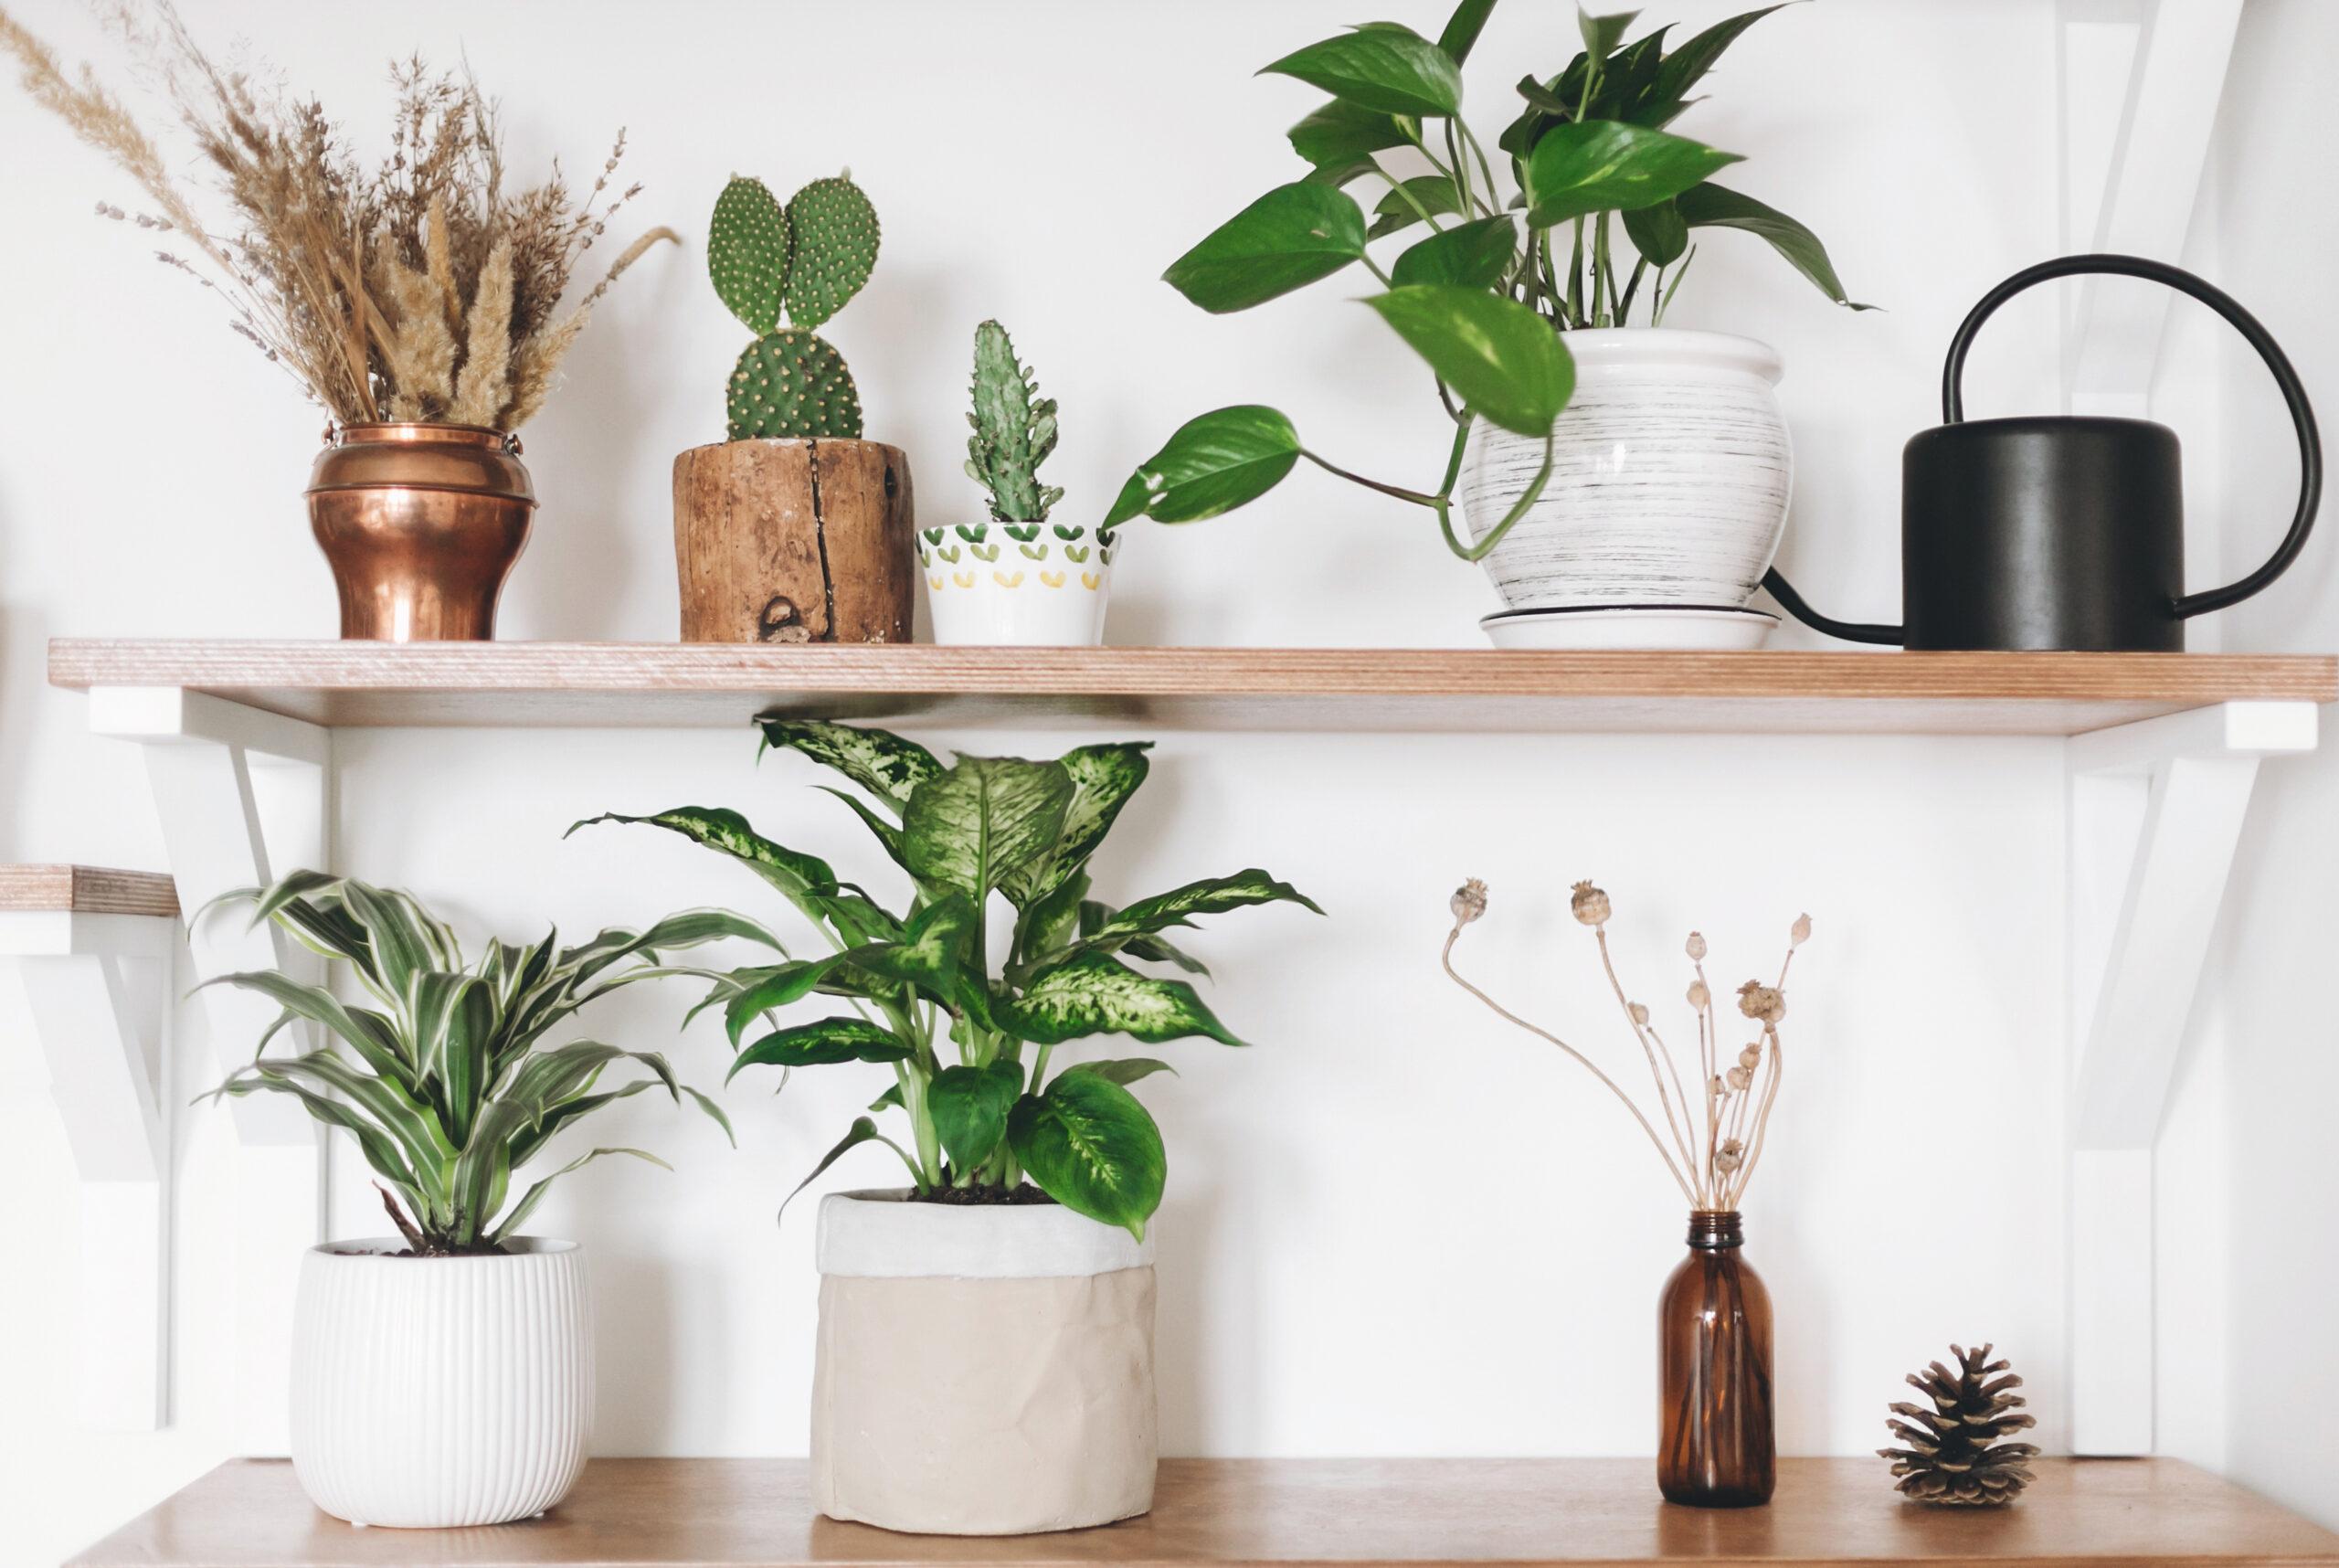 low-maintenance indoor plants oc succulents